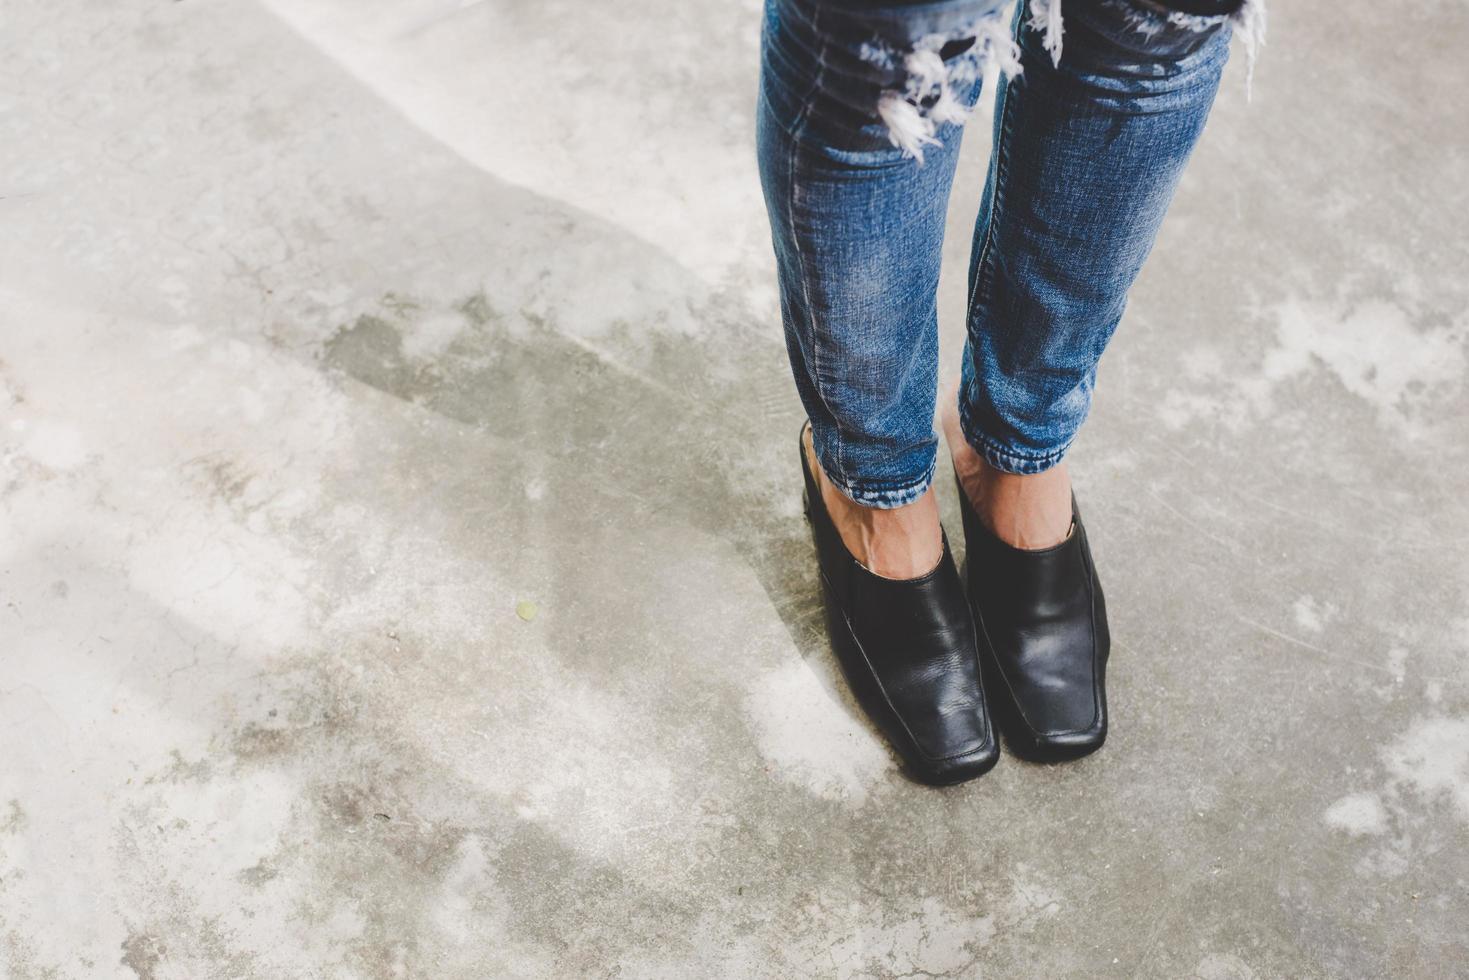 vrouw benen in denim jeans foto